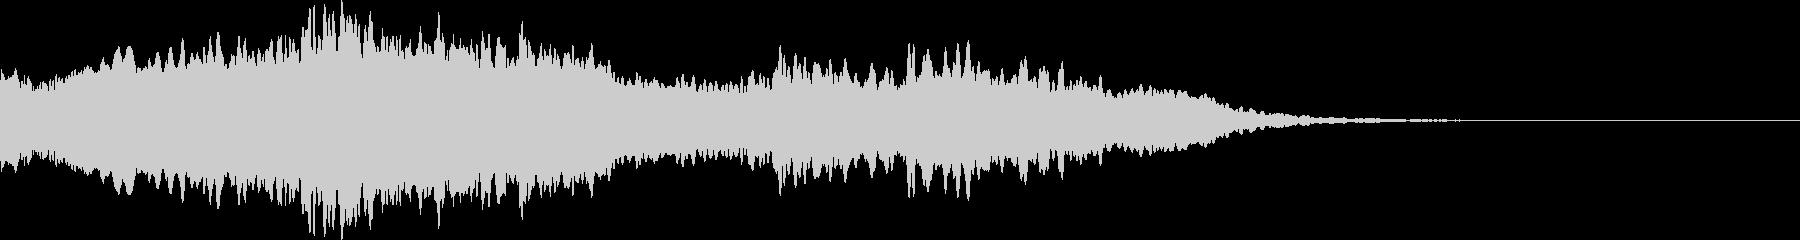 アトモスフィア FX_01 padの未再生の波形